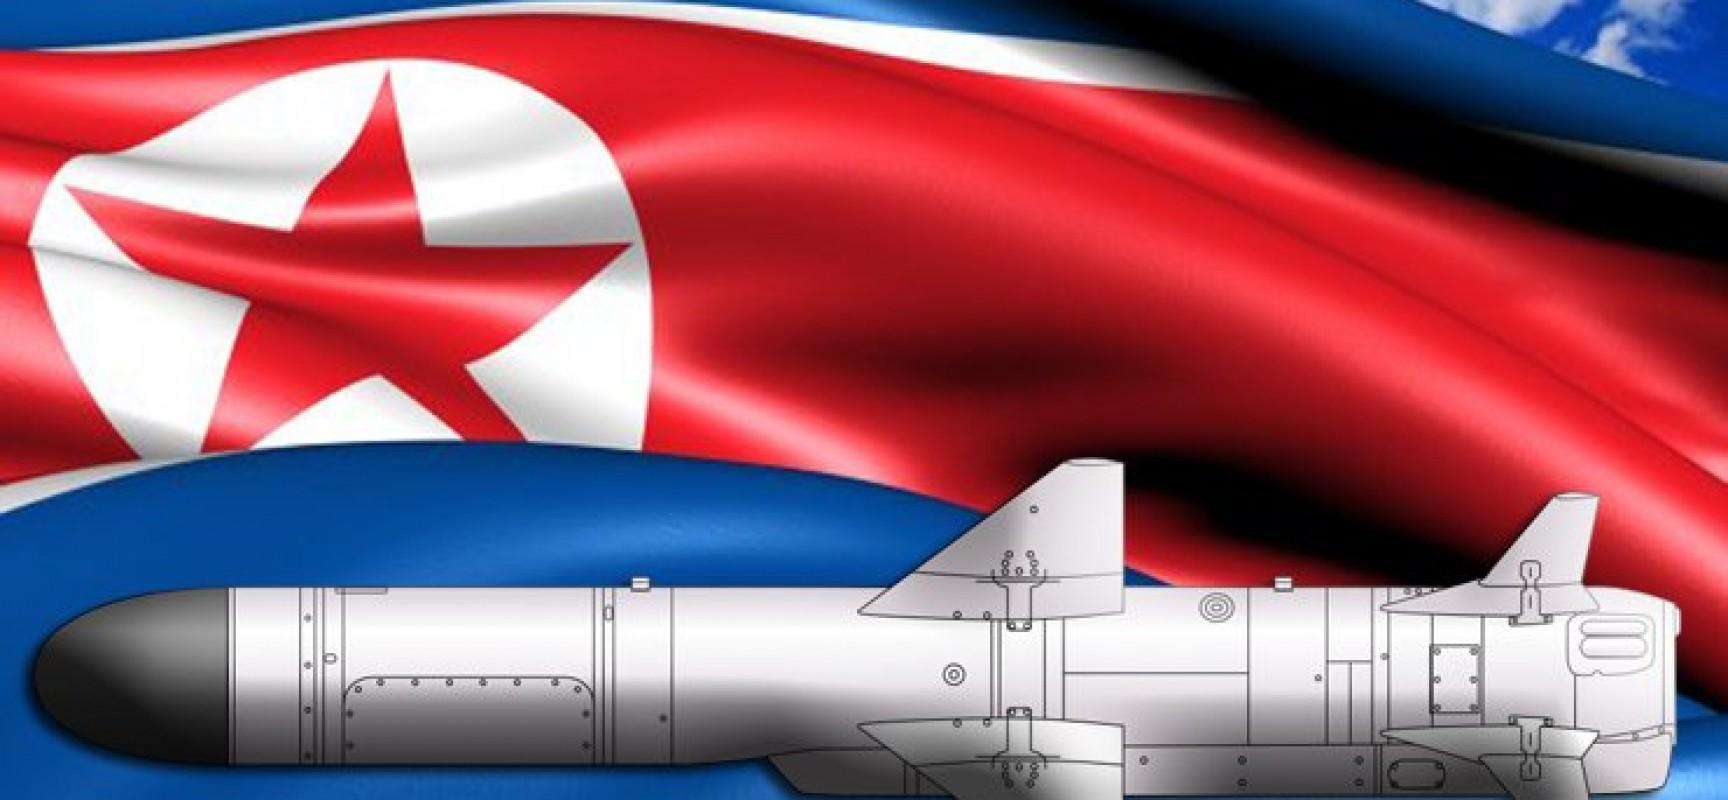 Les missiles de la RPDC pourraient atteindre la partie continentale des Etats-Unis (Corée du Sud)